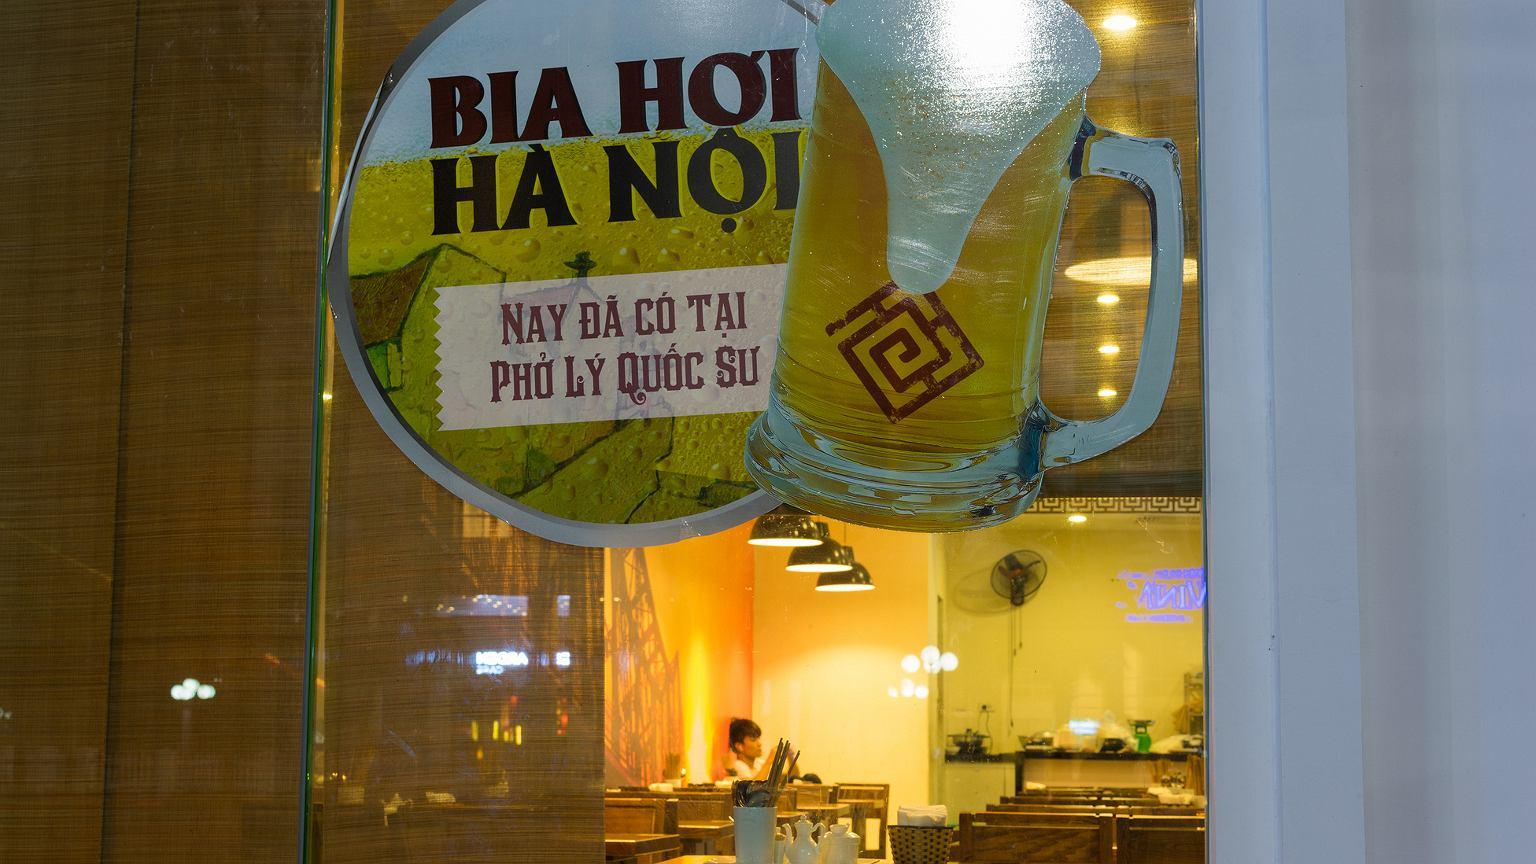 Bia Hoi to jeden z najpopularniejszych napojów w Hanoi